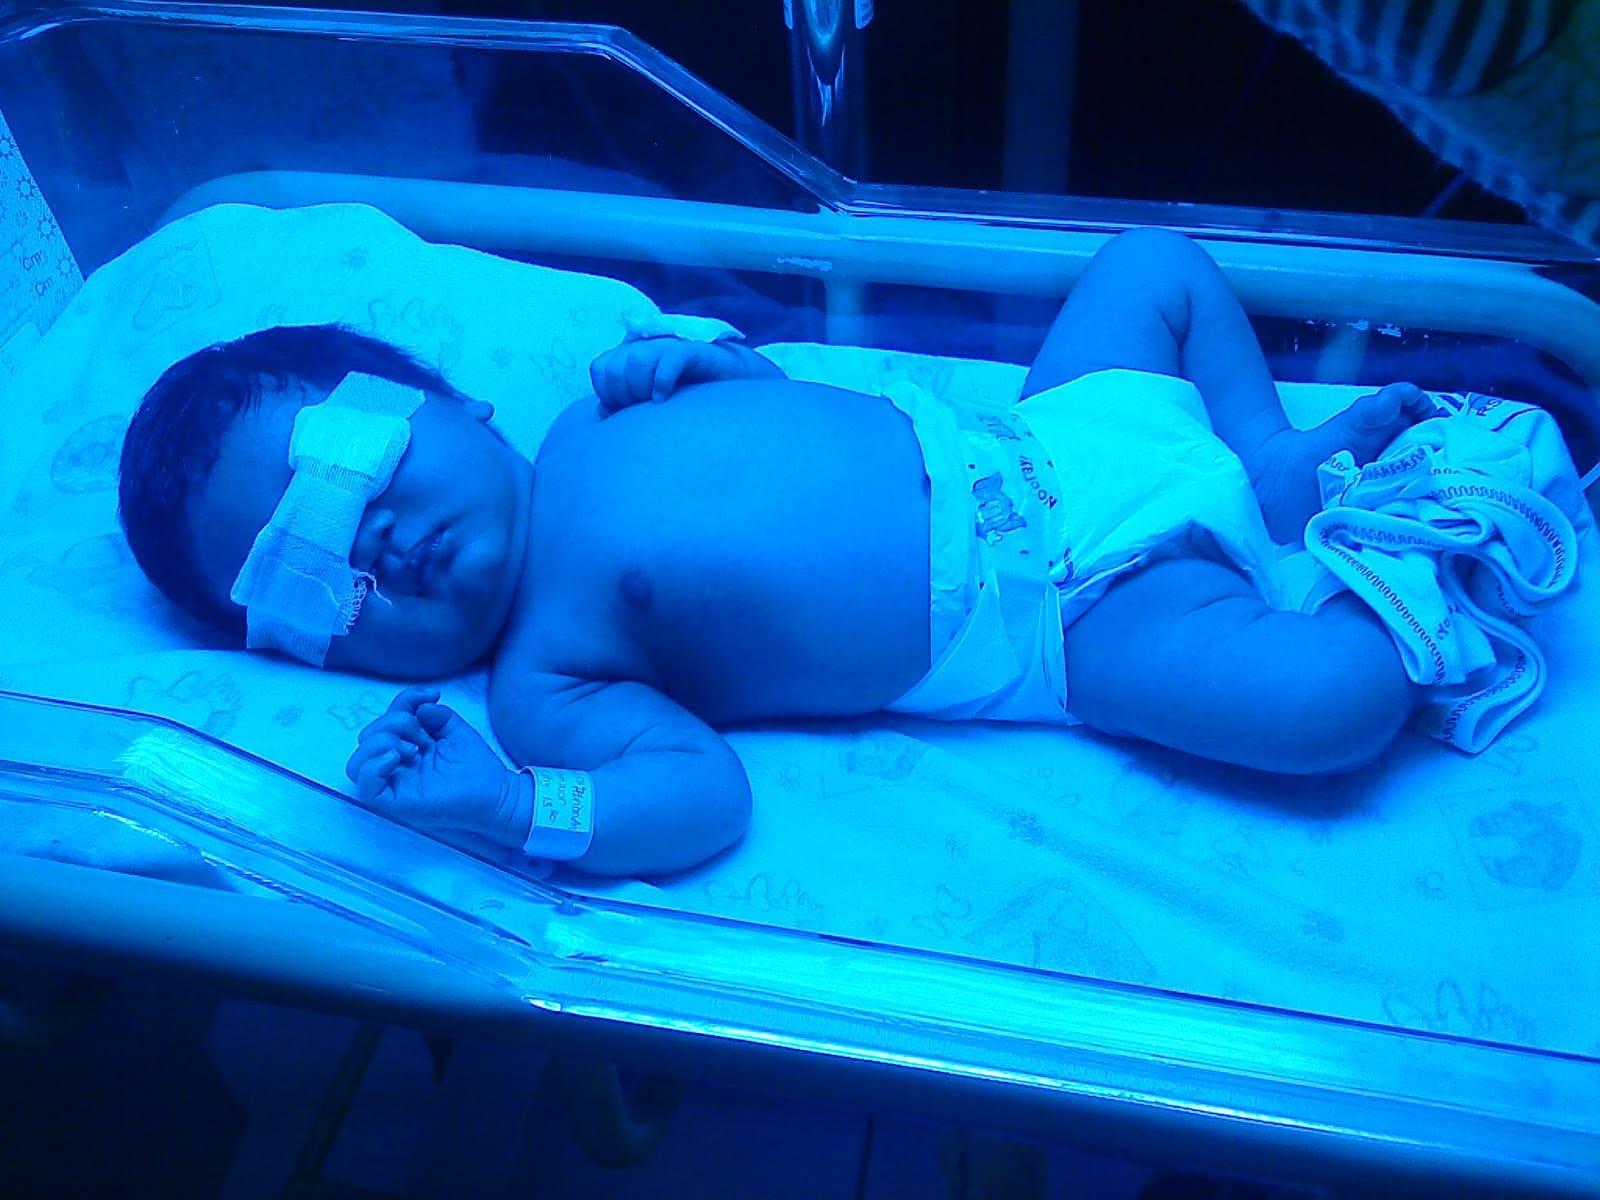 yenidoğan bebeklerde fototerapi